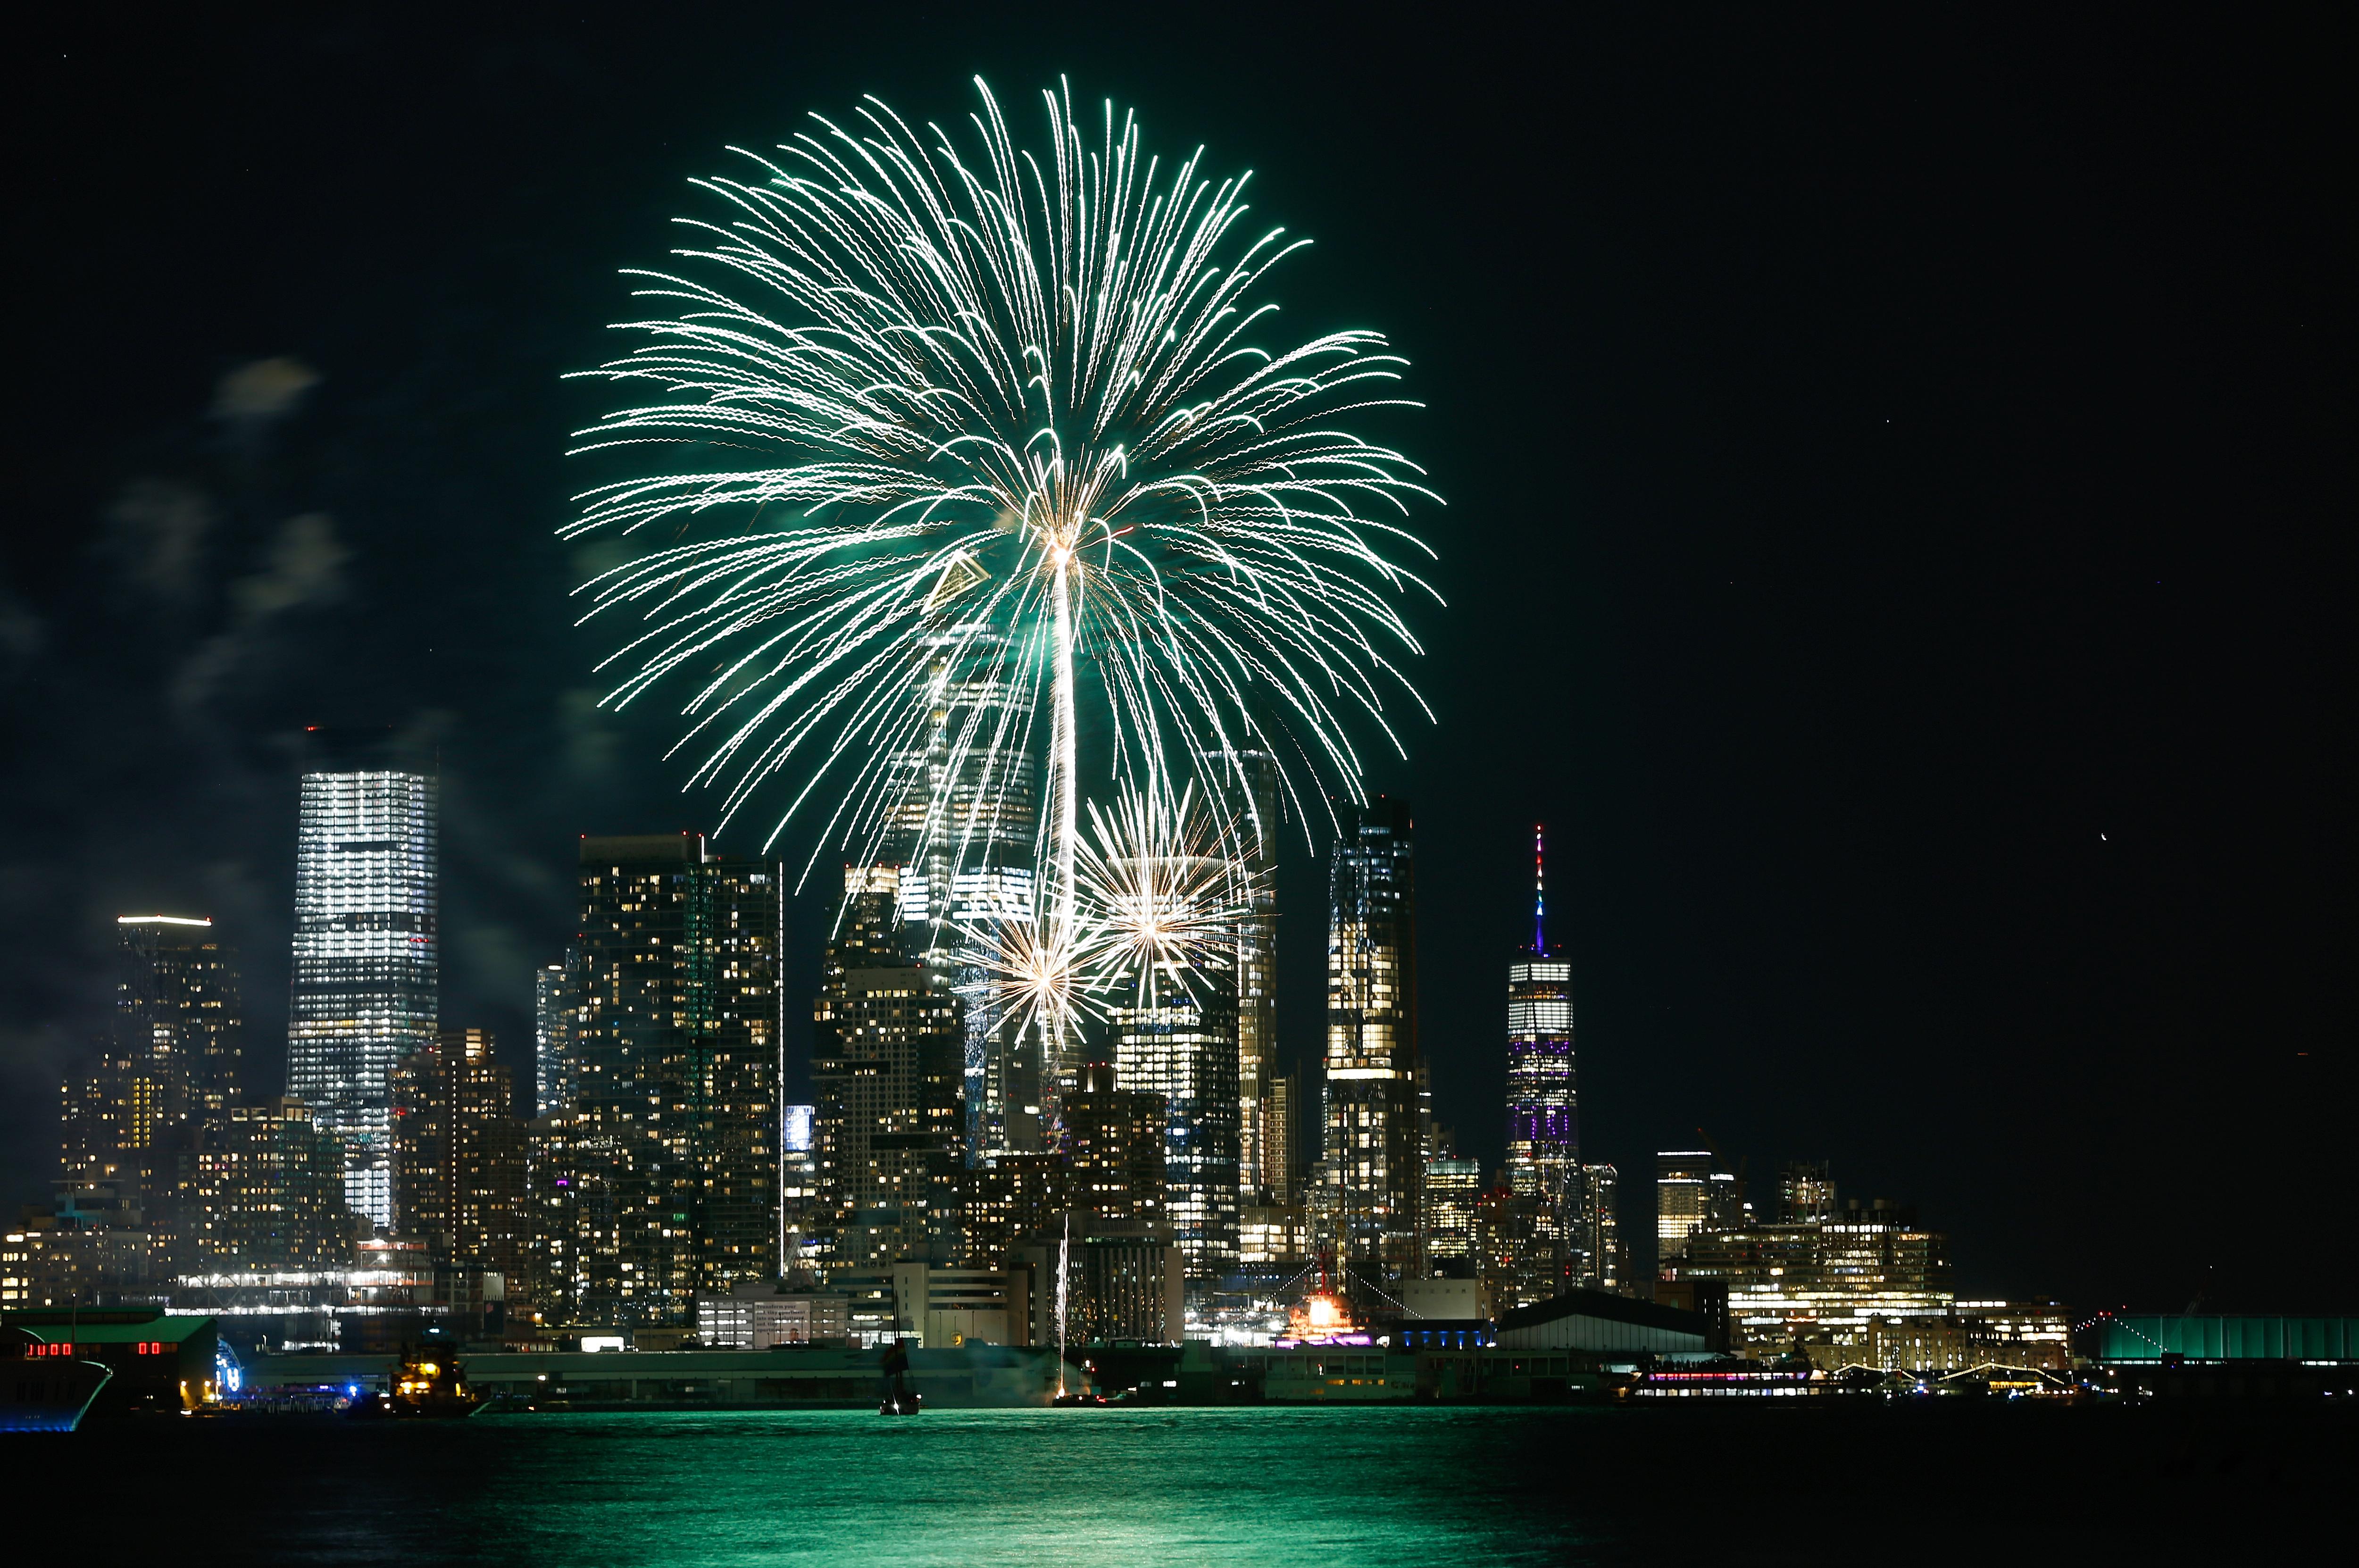 Fireworks Celebrate Pride Day in New York City